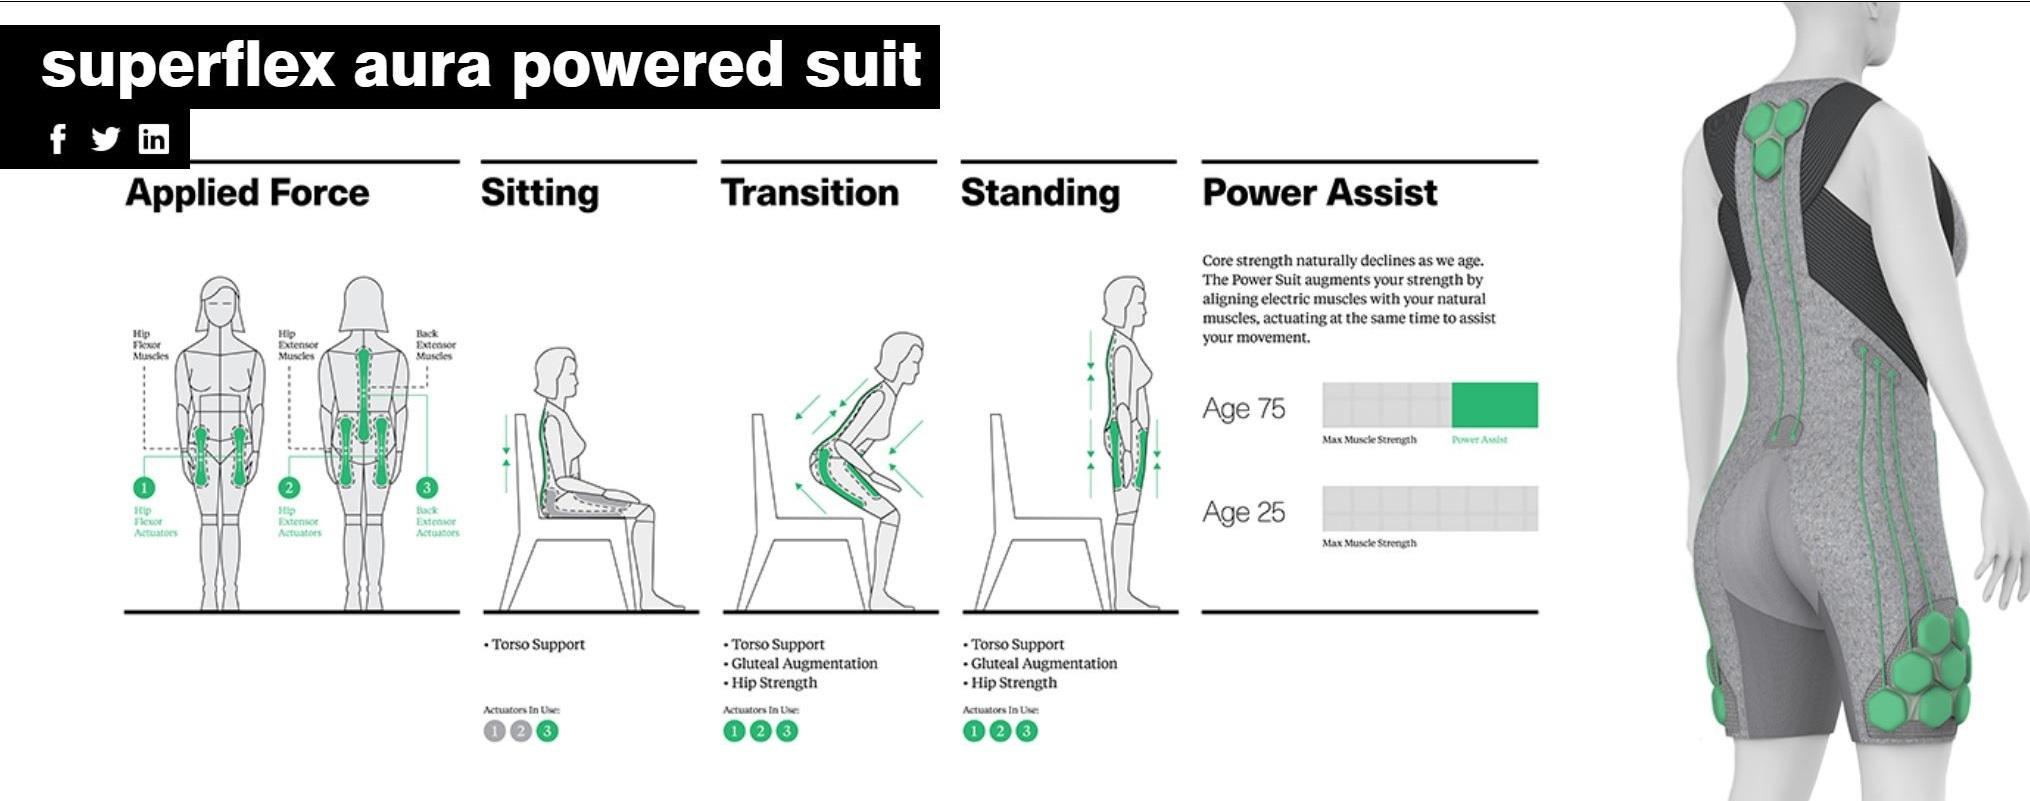 اندام های حسی حرکتی و سنسورهای محیطی